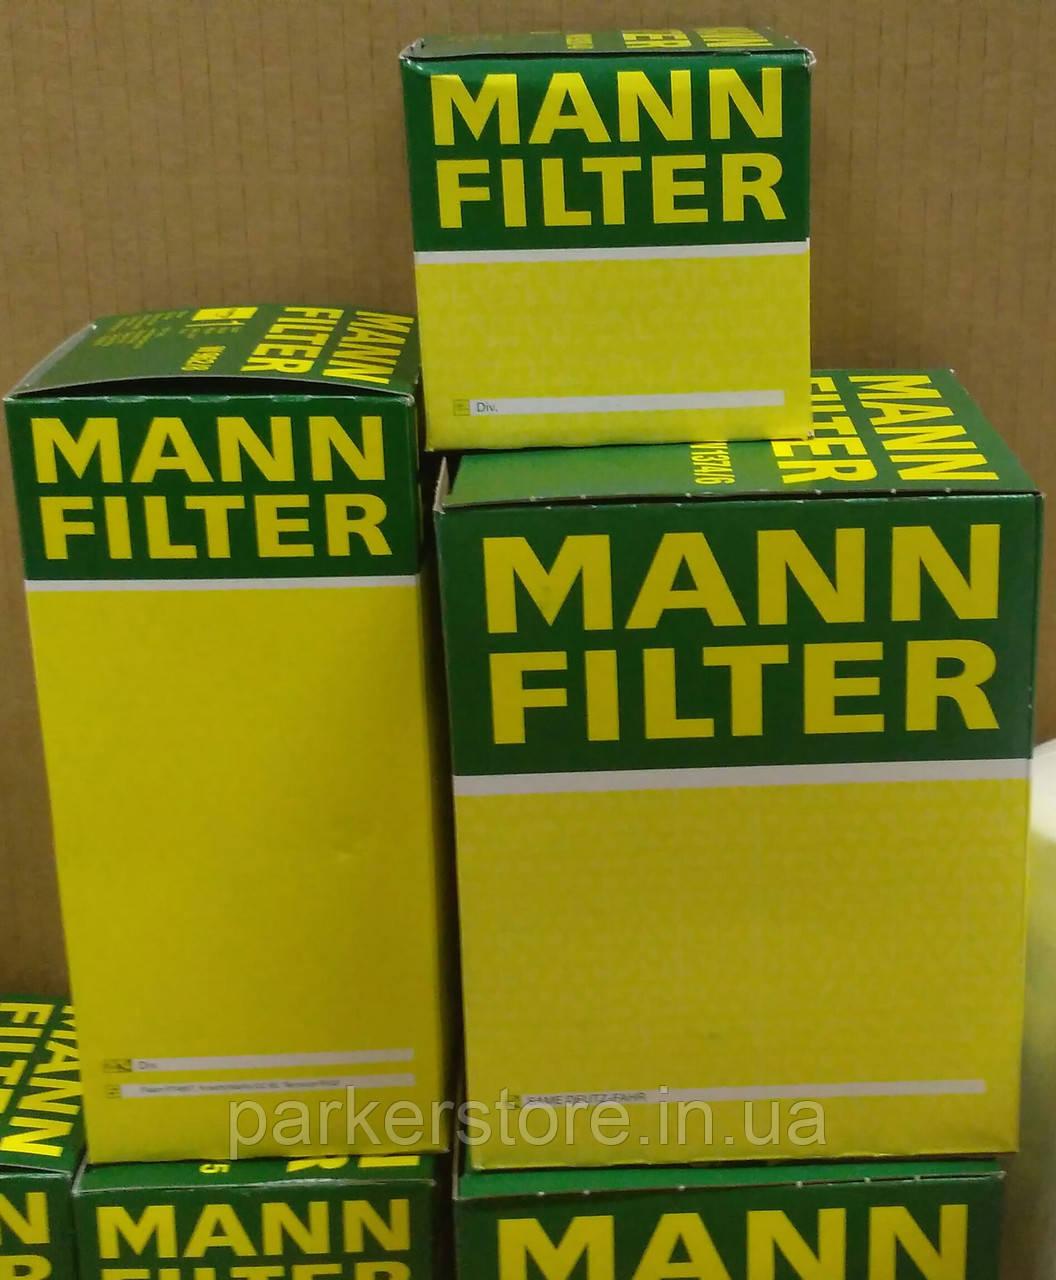 MANN FILTER / Воздушный фильтр / C 2743 / C2743